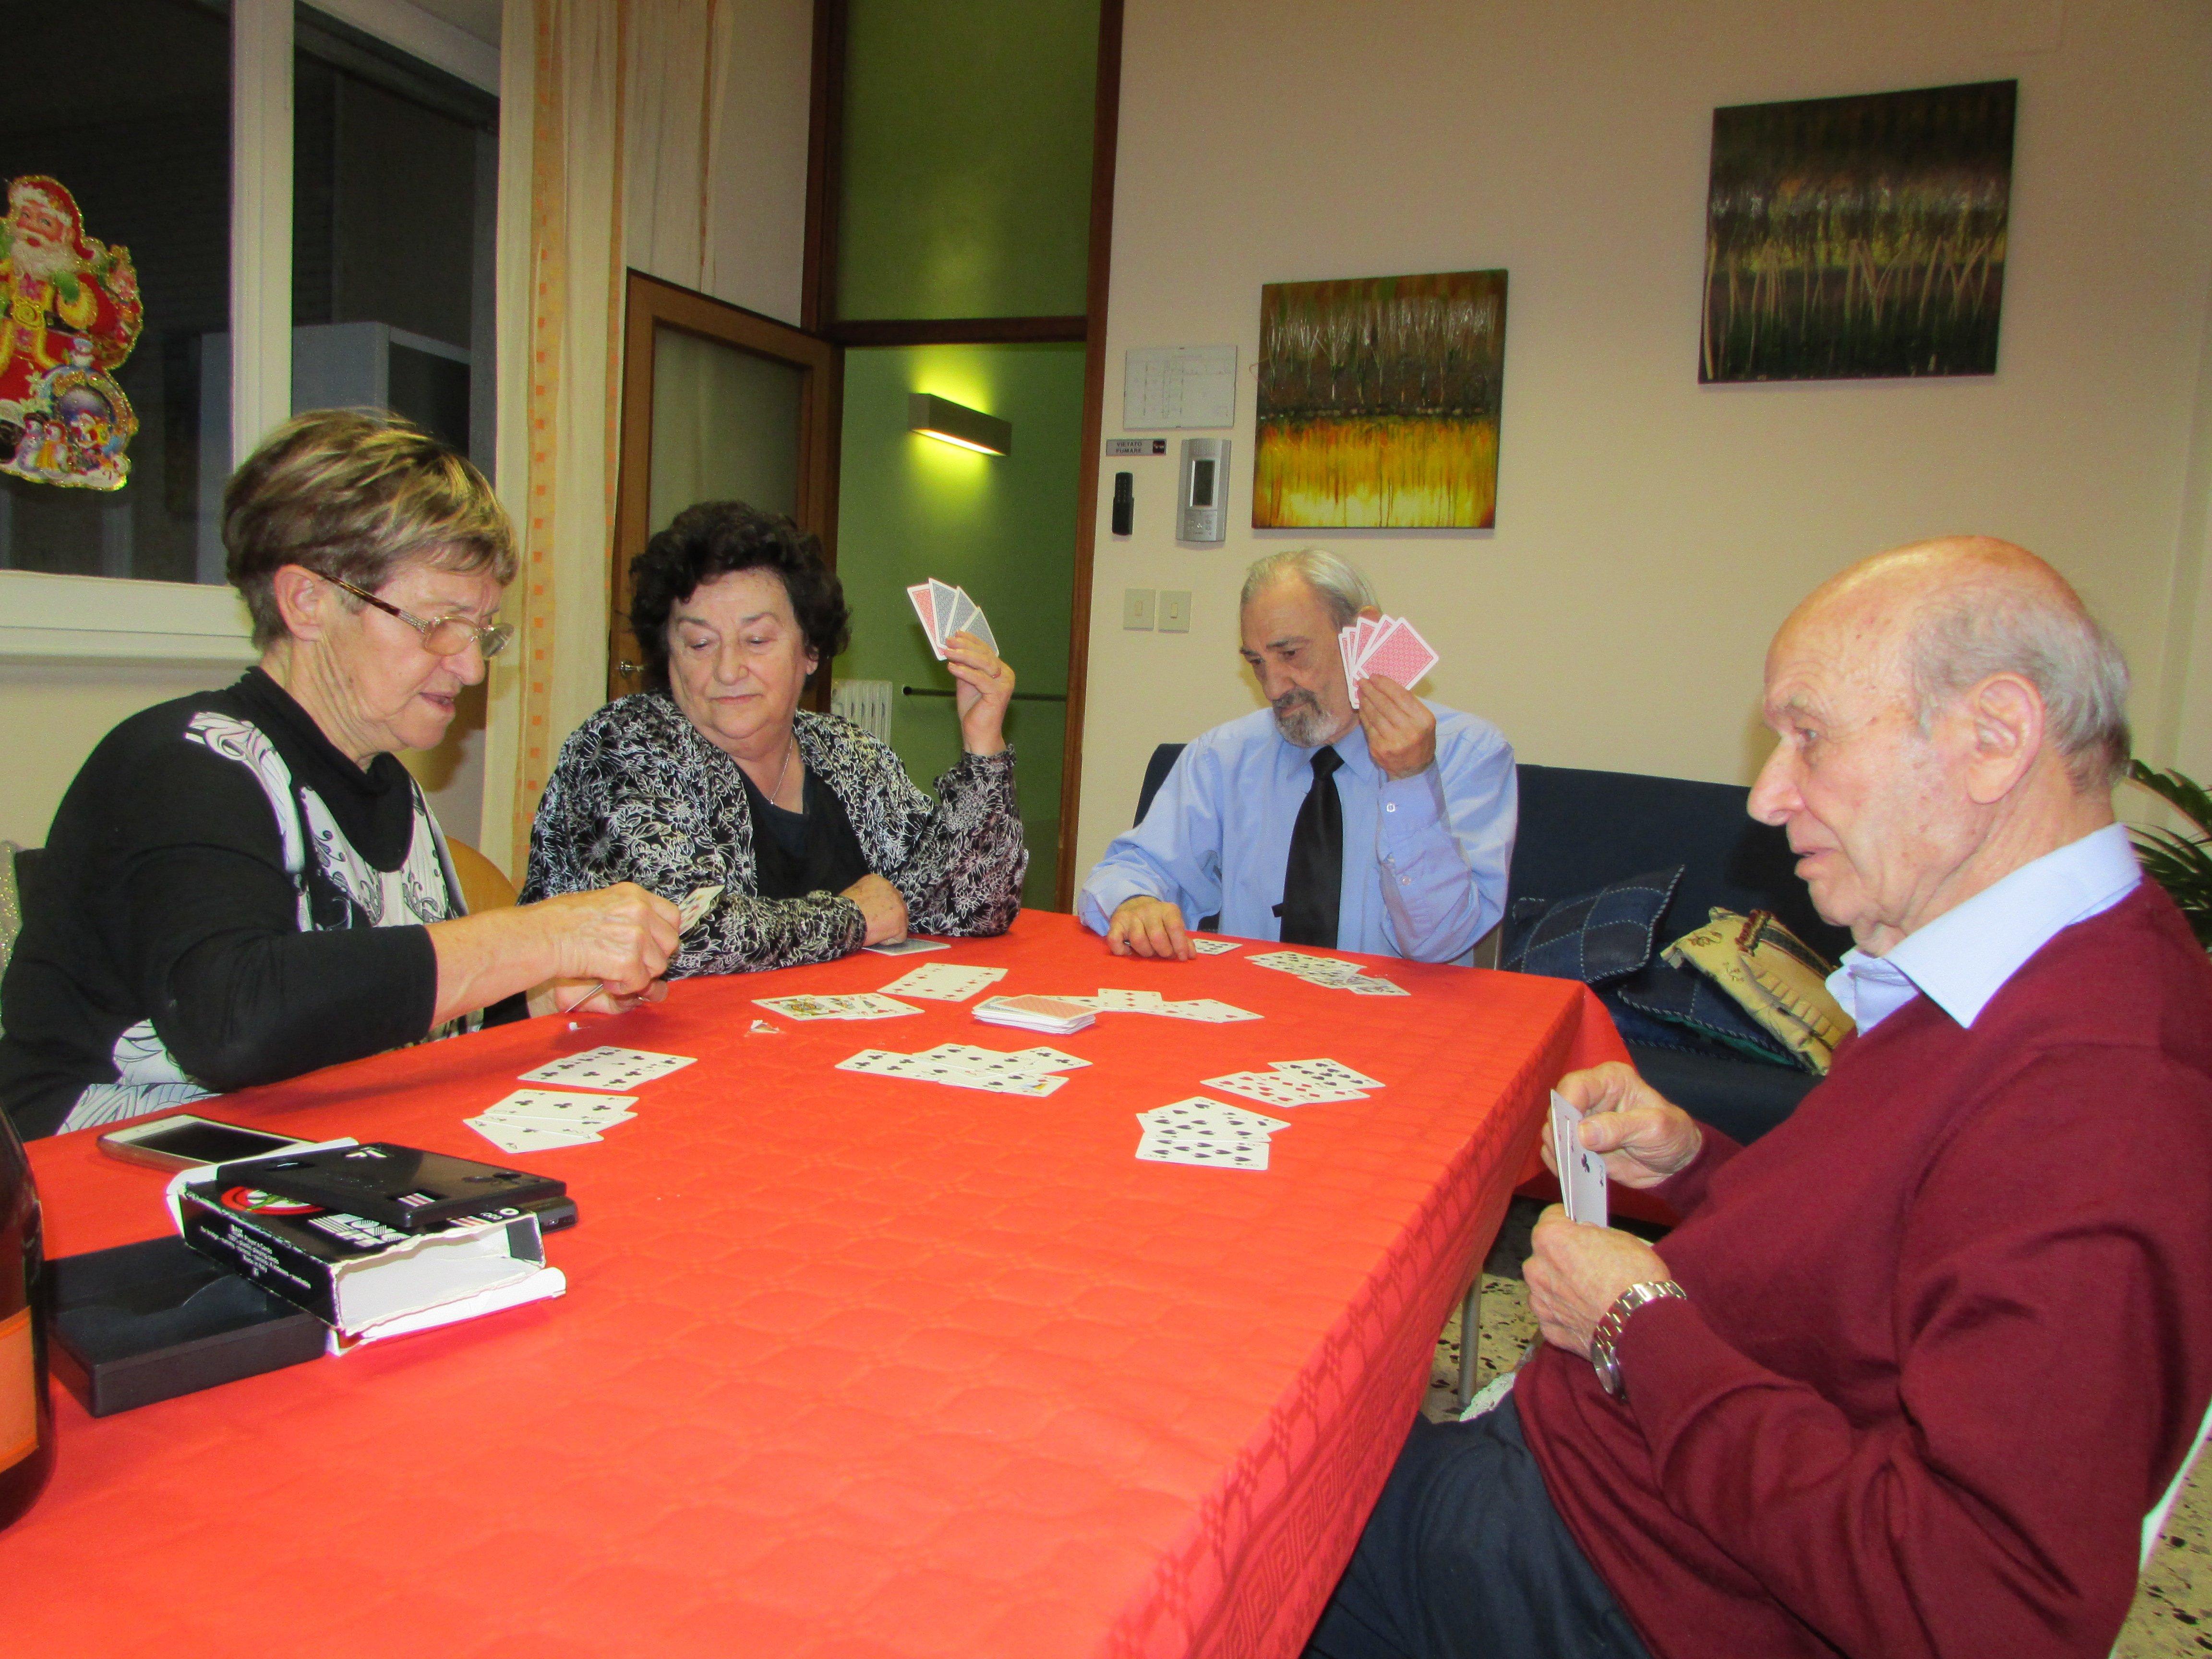 gruppo di persone che giocano a carte